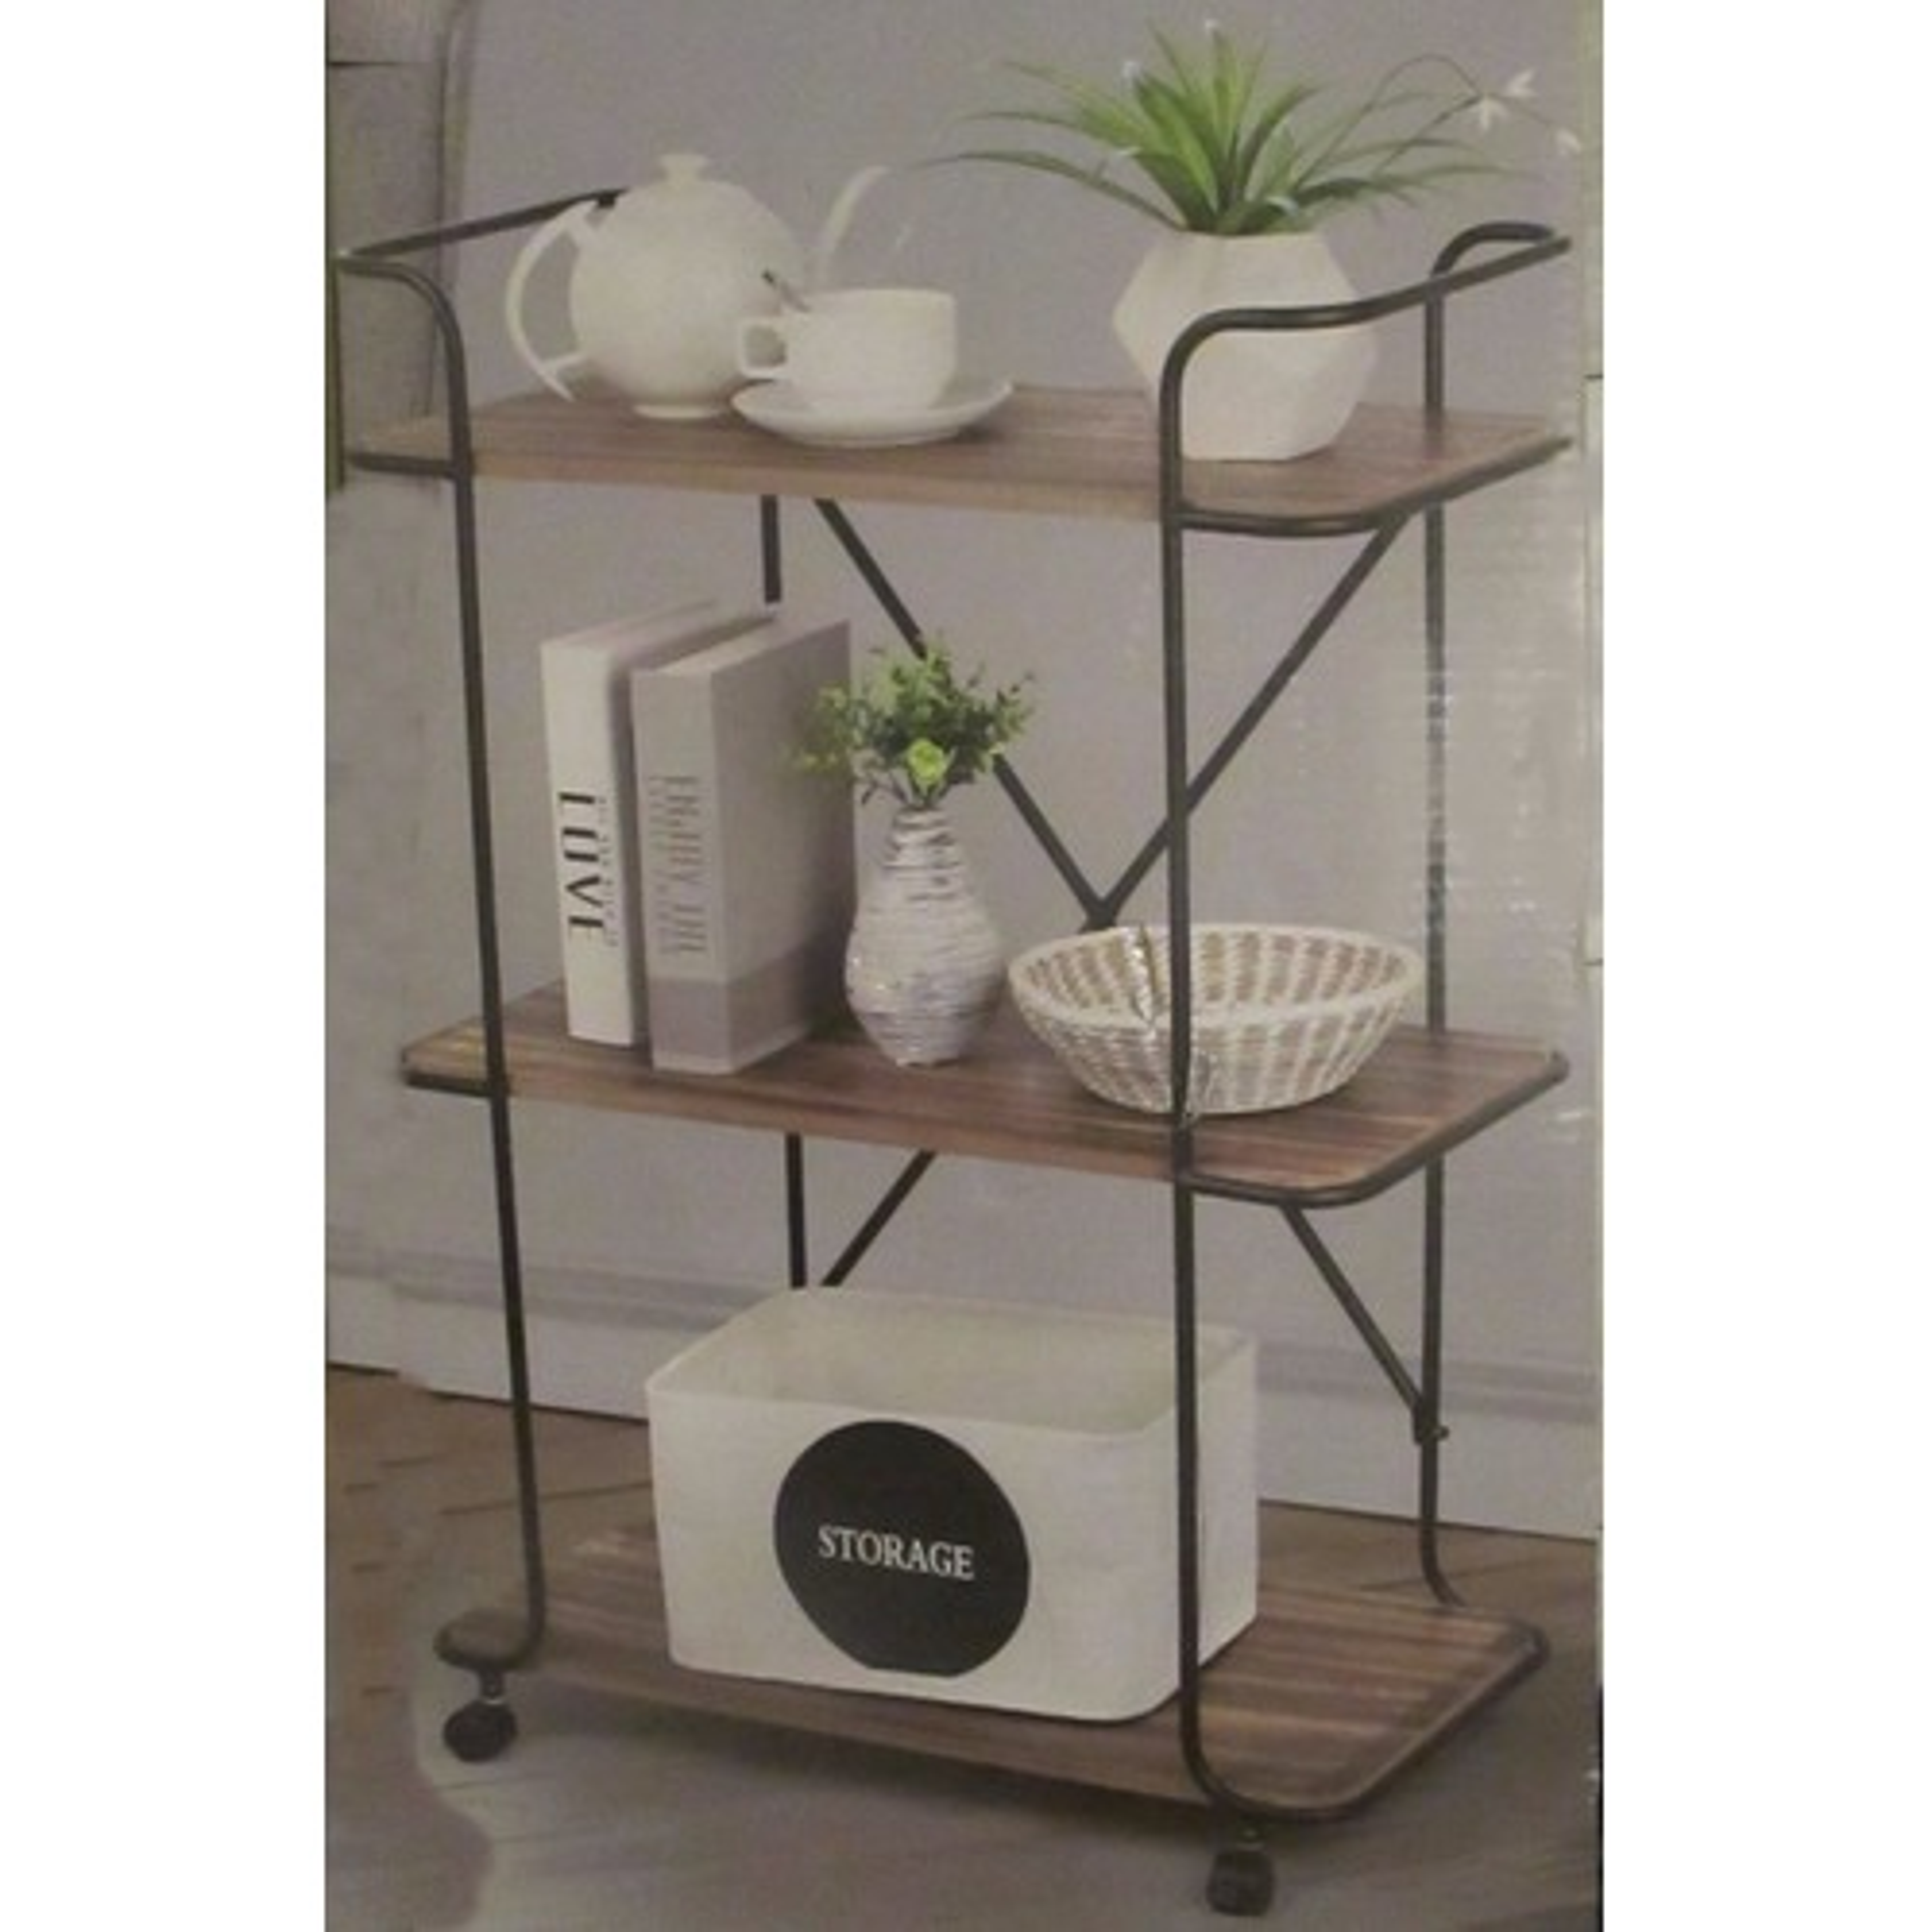 etagere pas cher promobo meuble etagre salle de bain bambou bacs de rangement panier with. Black Bedroom Furniture Sets. Home Design Ideas